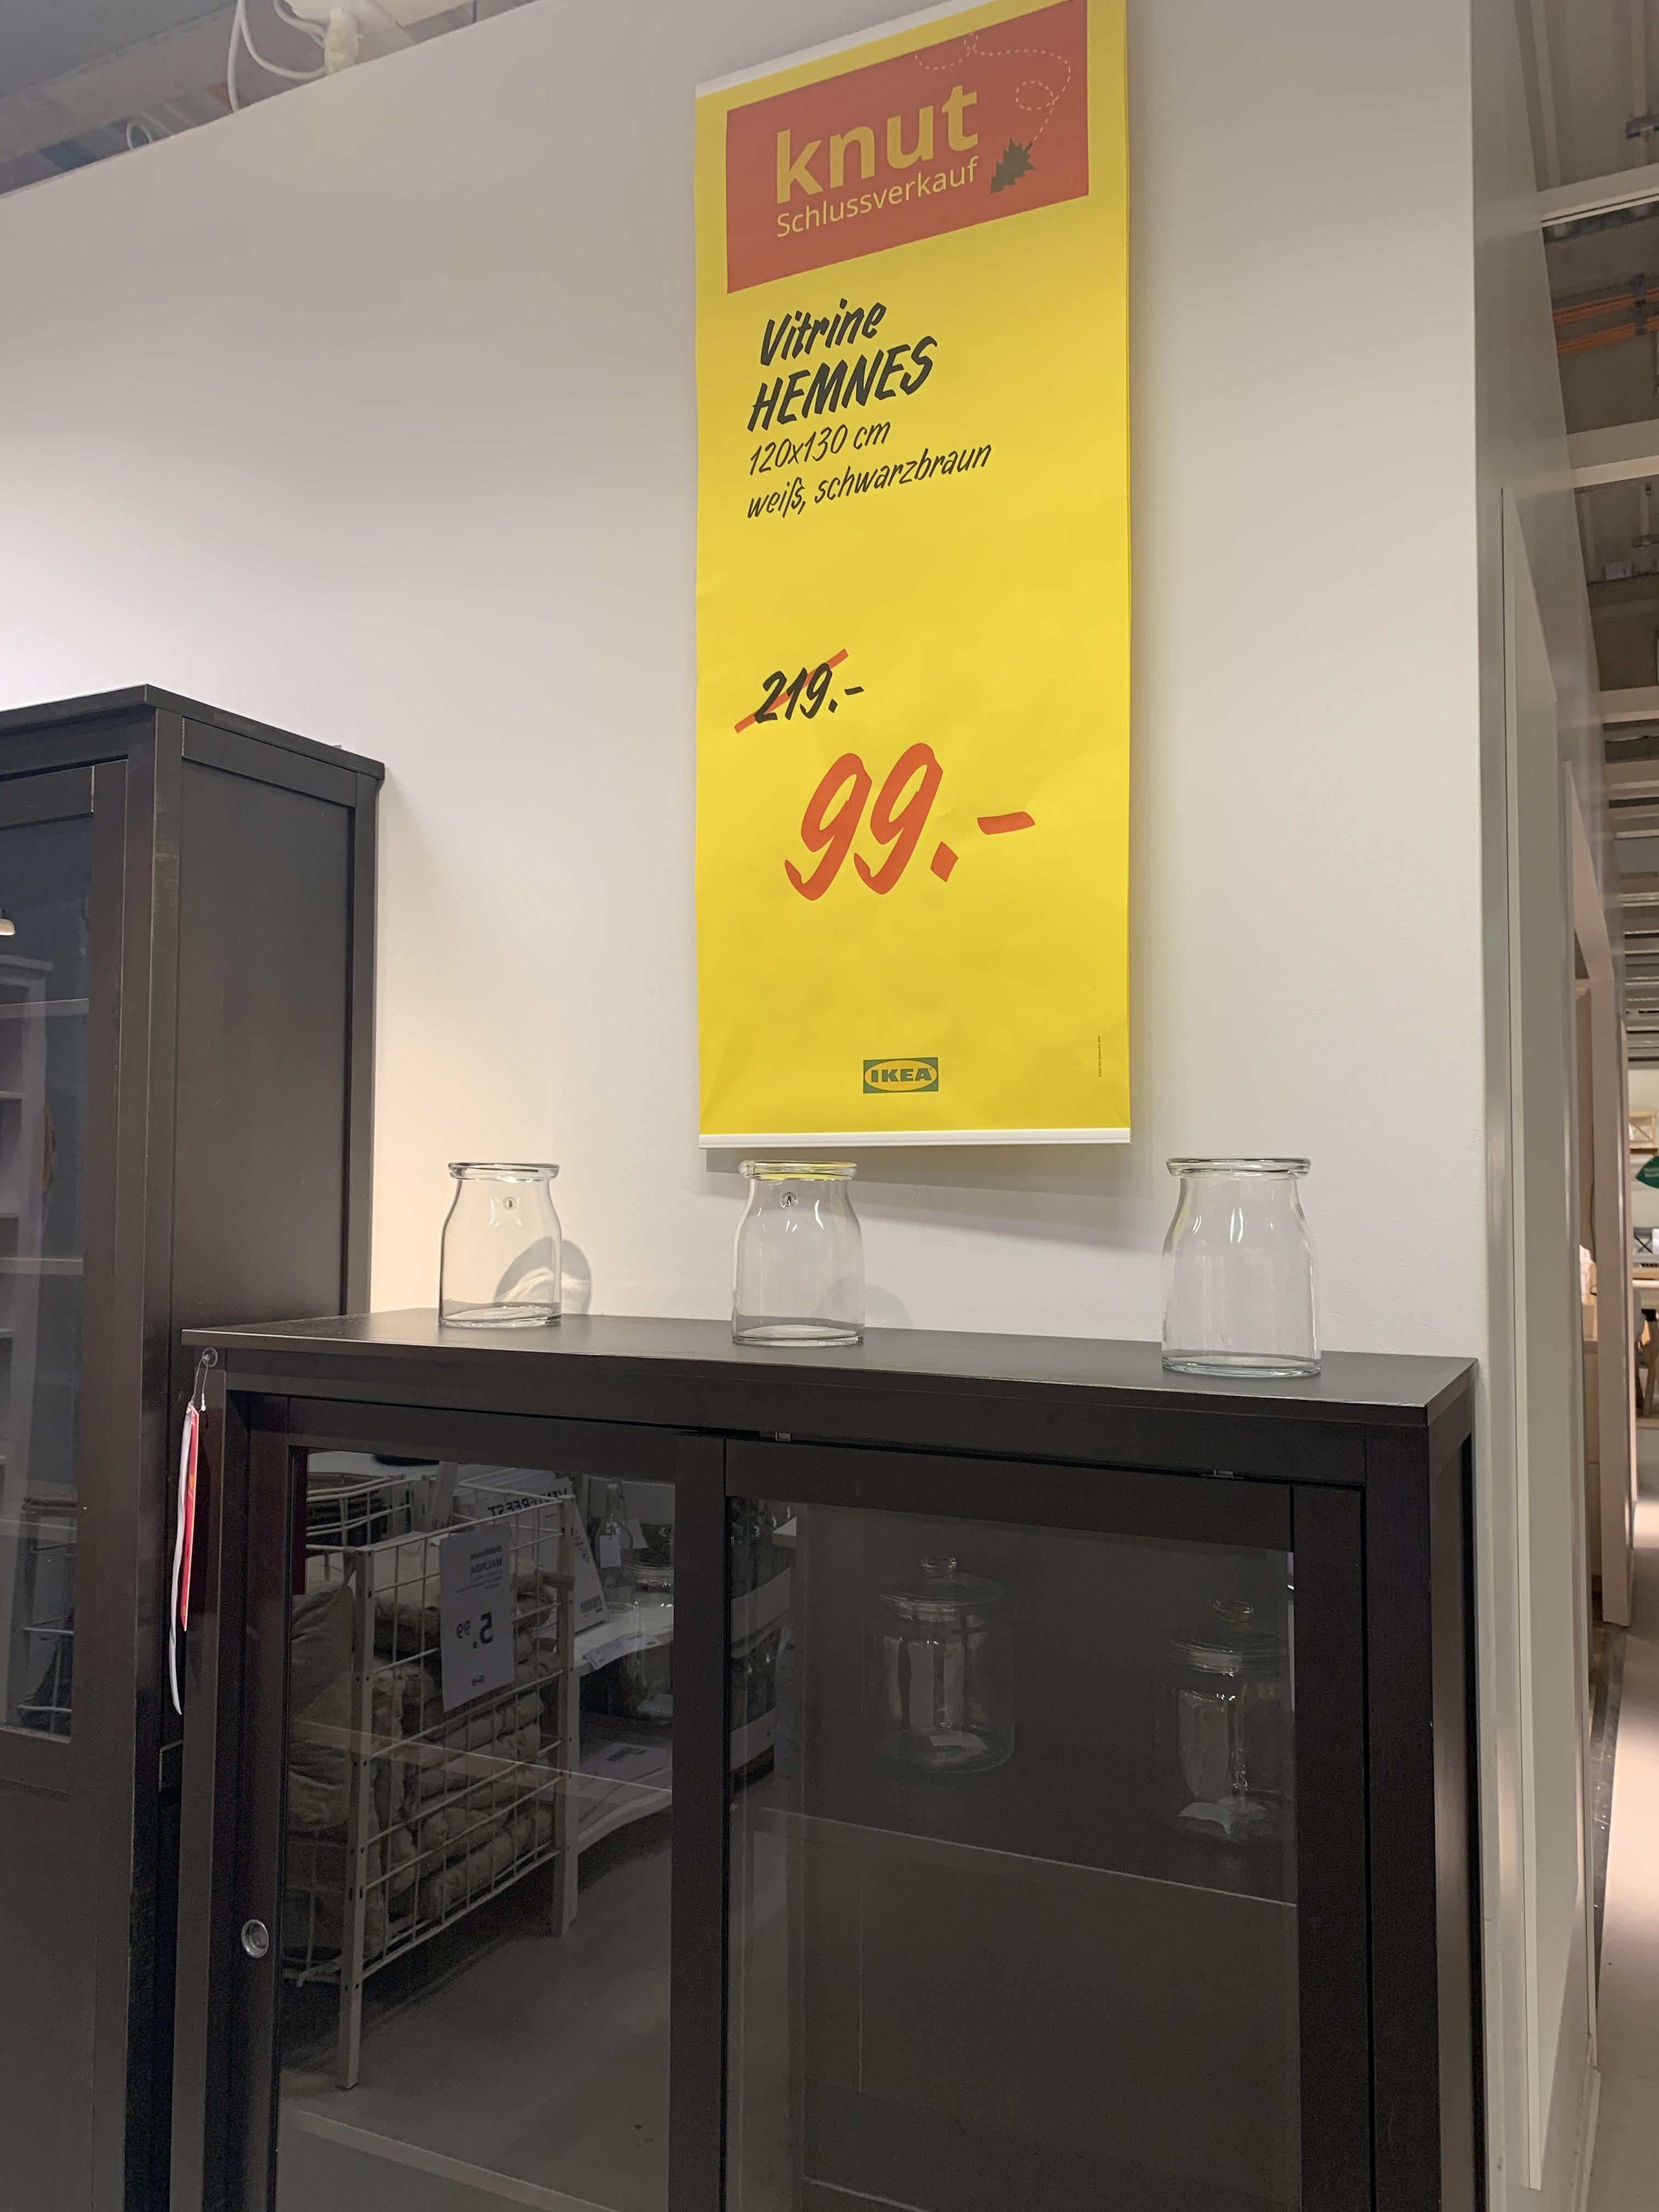 IKEA [bundesweit? / Berlin-Lichtenberg] Knut Schlussverkauf z.B. Hemnes Vitrine für 99€